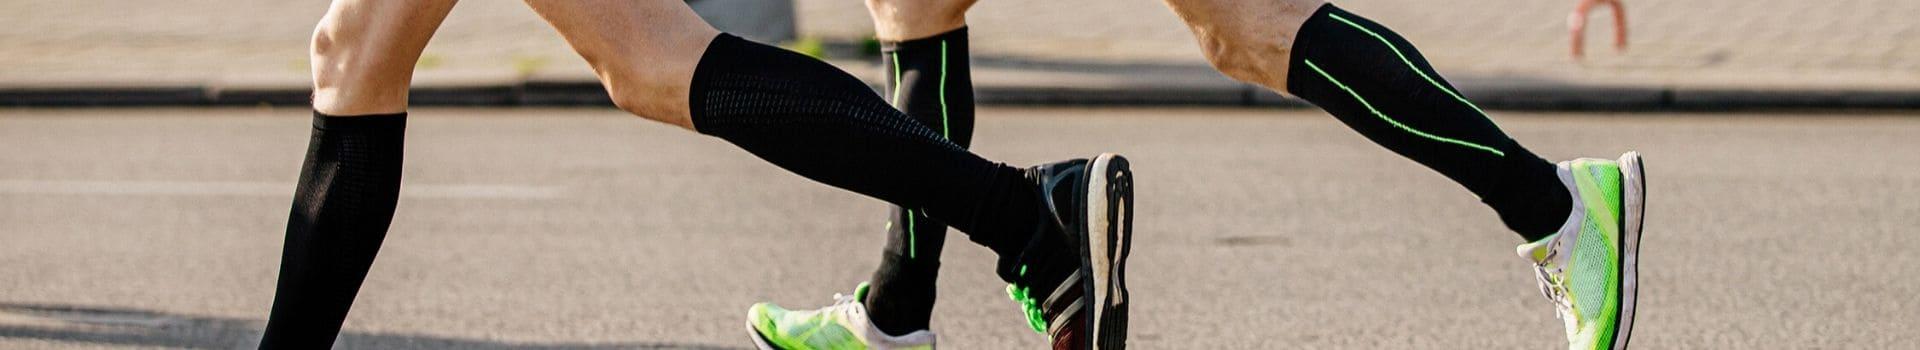 produzione calze da running